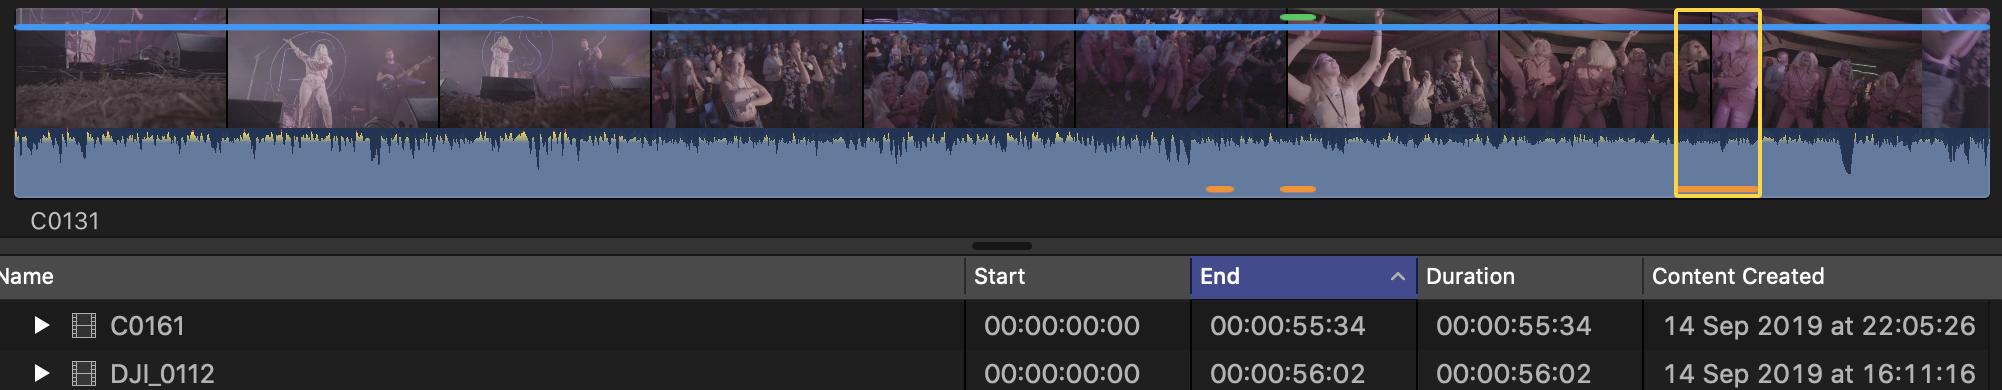 Custom FCPX Keyboard Shortcut: Y — Toggle Filmstrip/ List View